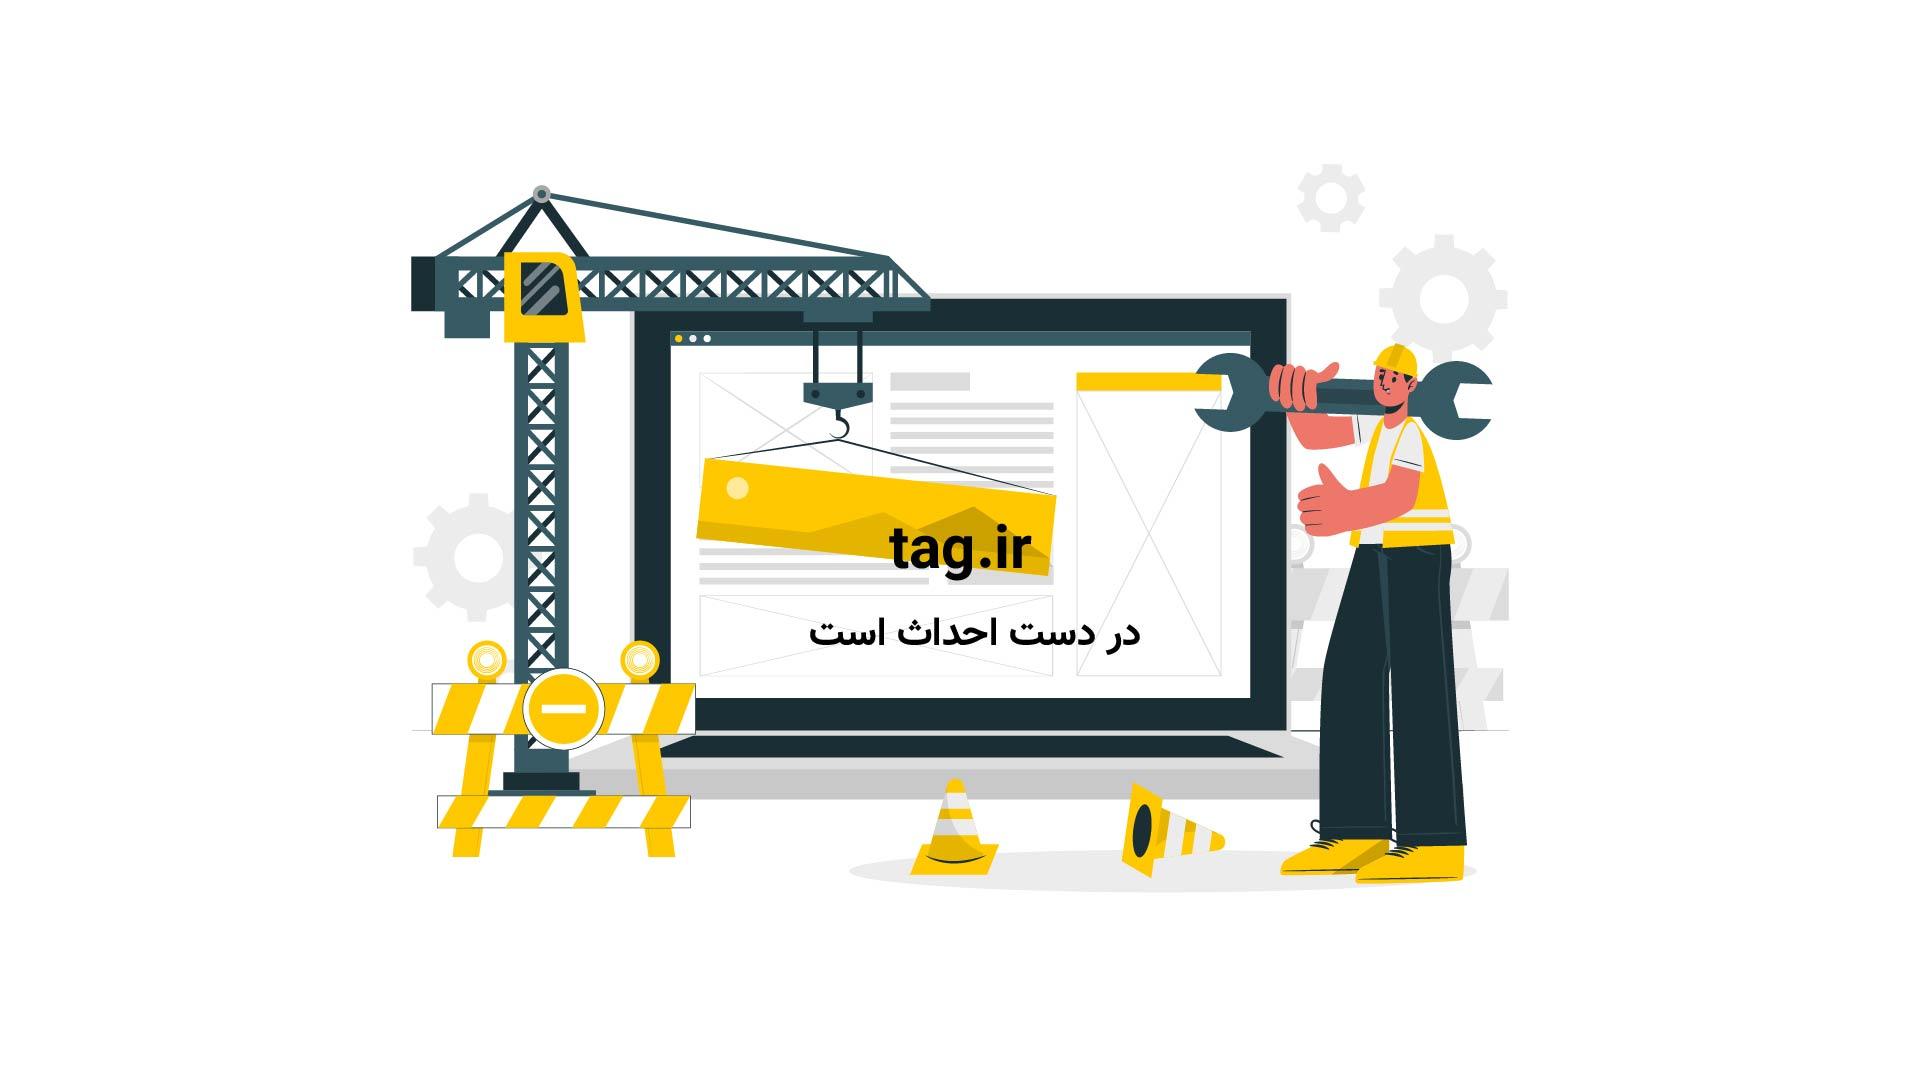 تاکسی   تگ